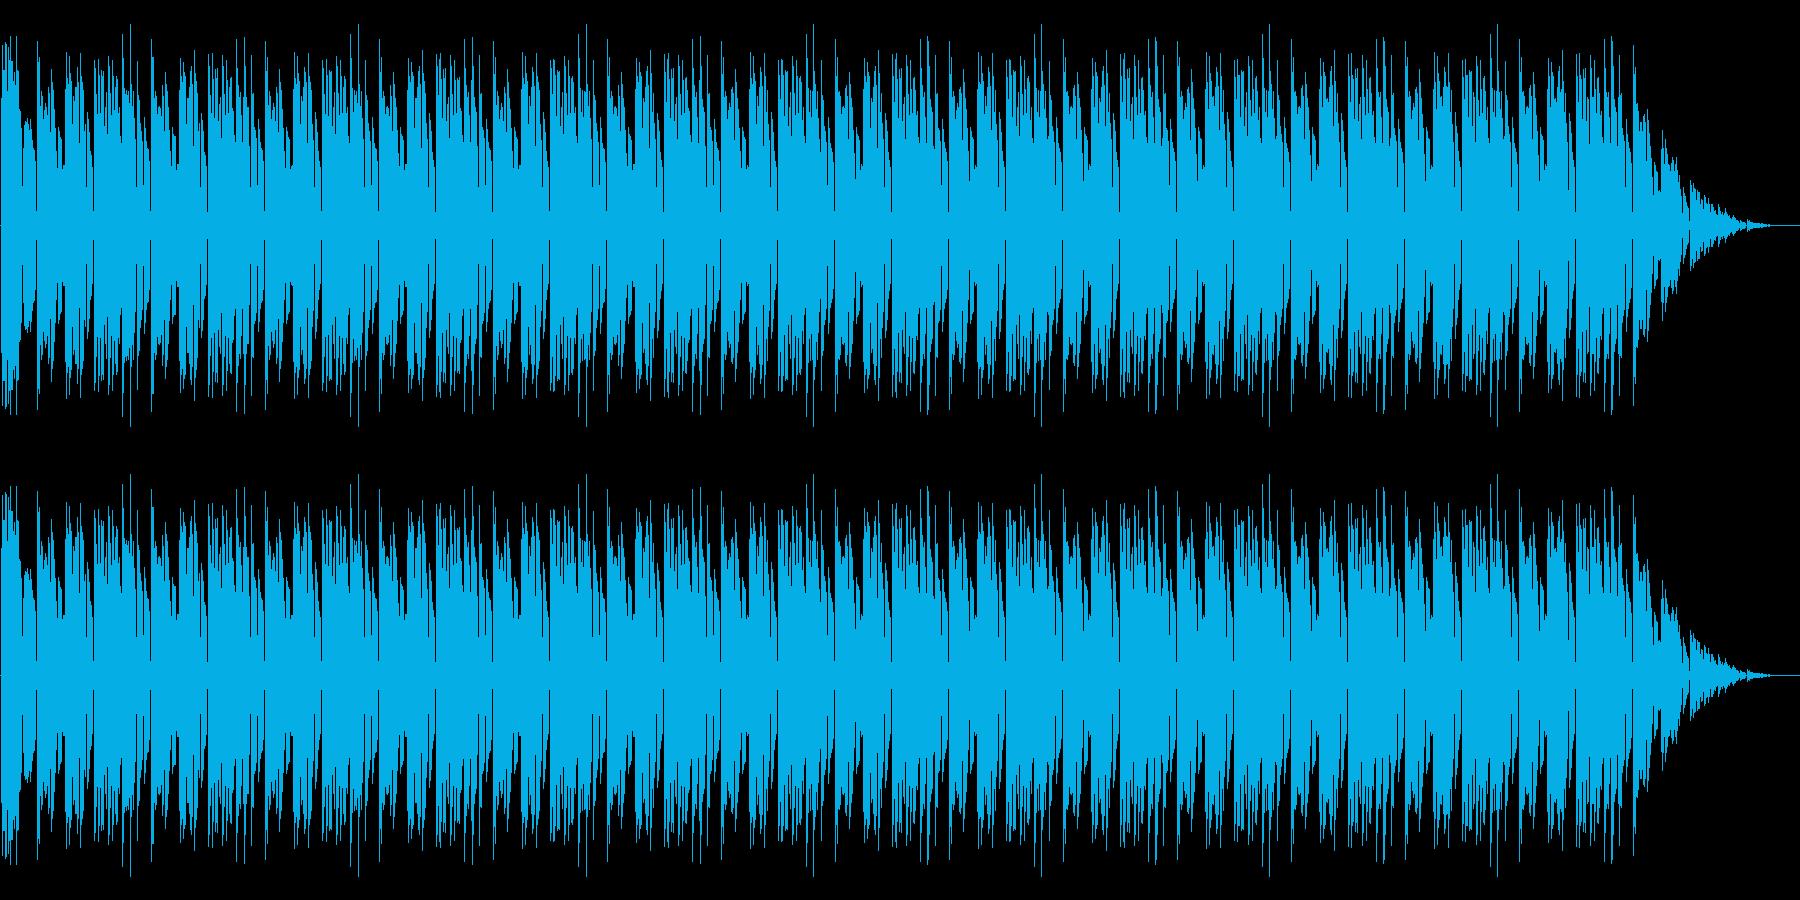 GB風RPGの勝利のファンファーレの再生済みの波形